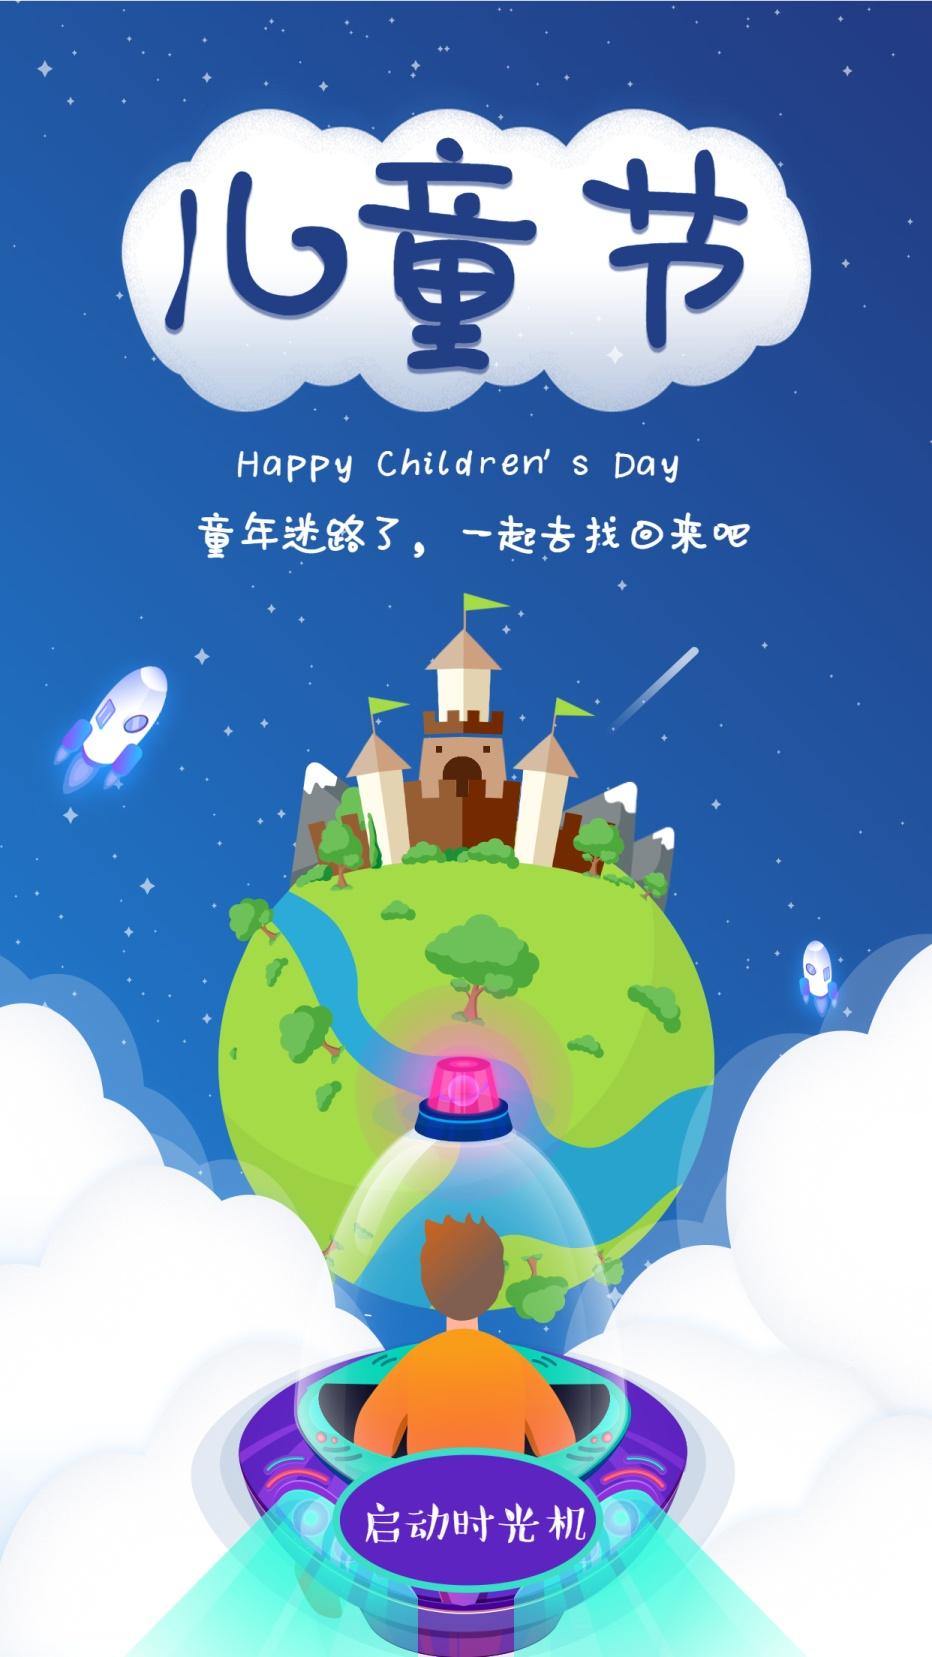 儿童节趣味插画手机海报